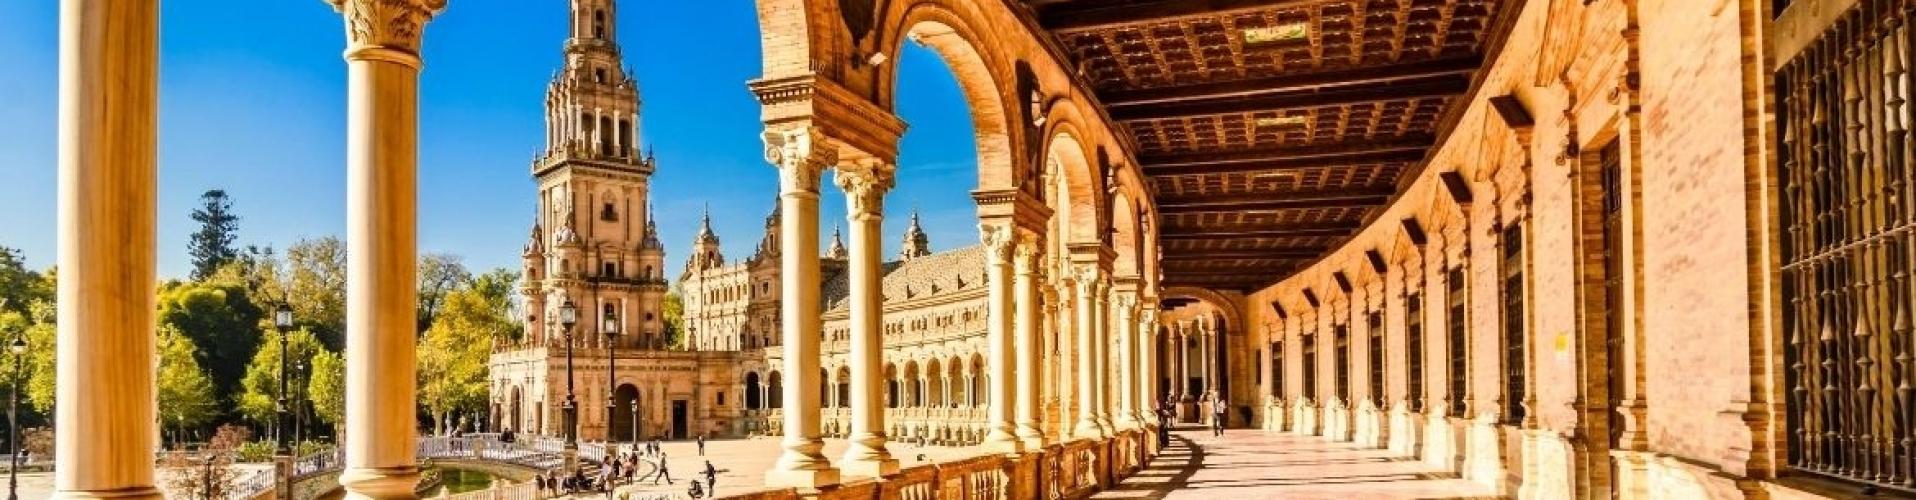 Tips vakantie in Andalusië met kinderen